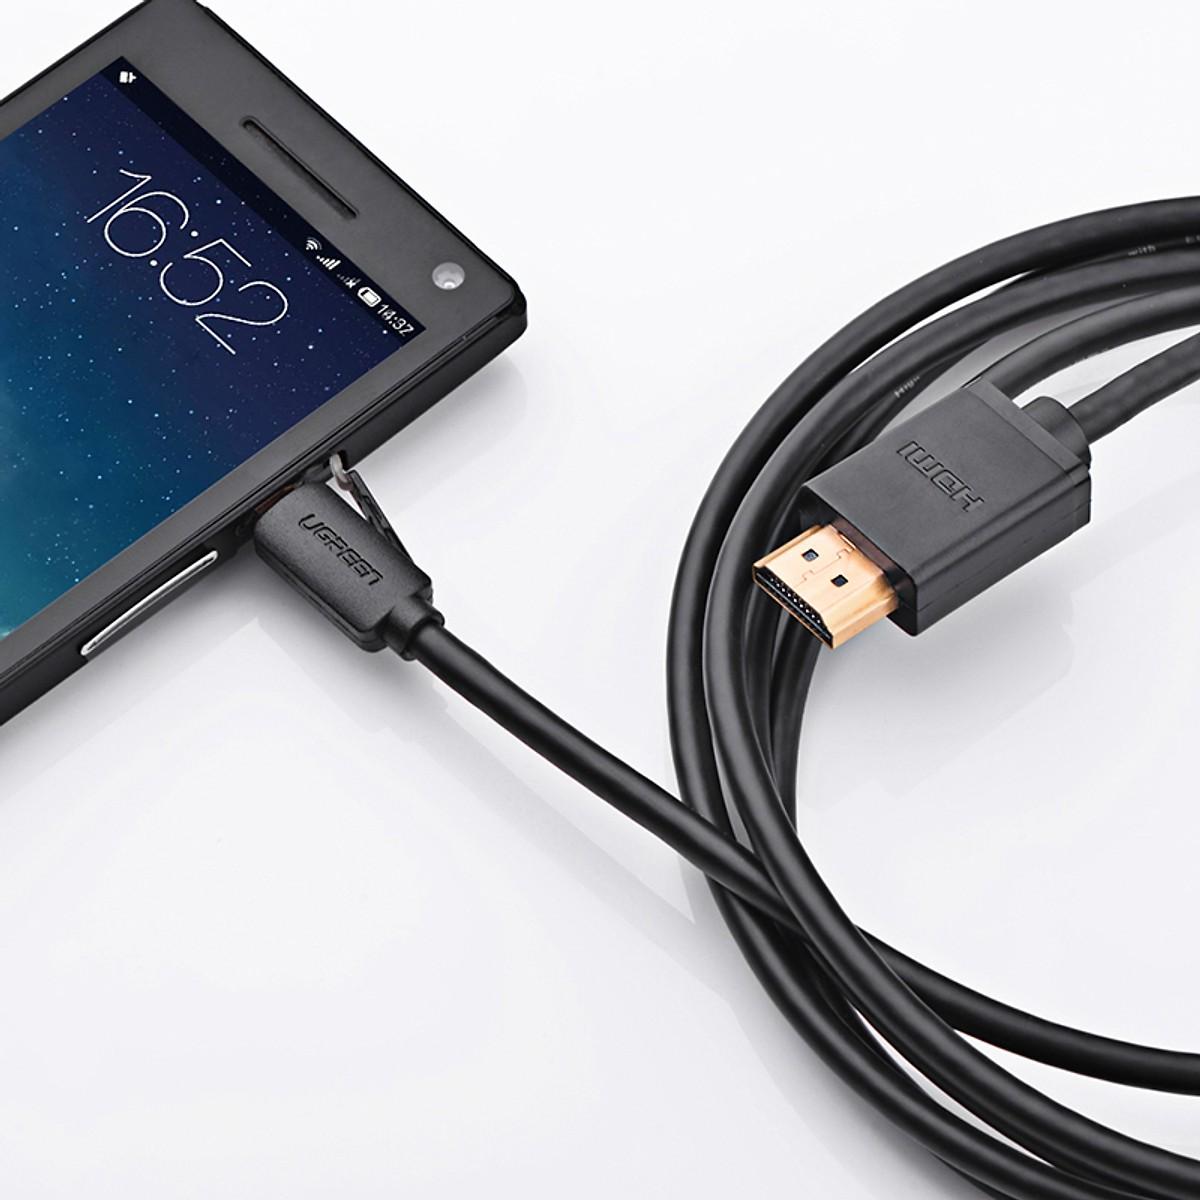 Cáp chuyển đổi MICRO HDMI sang HDMI Dài 2m UGREEN - Hàng chính hãng